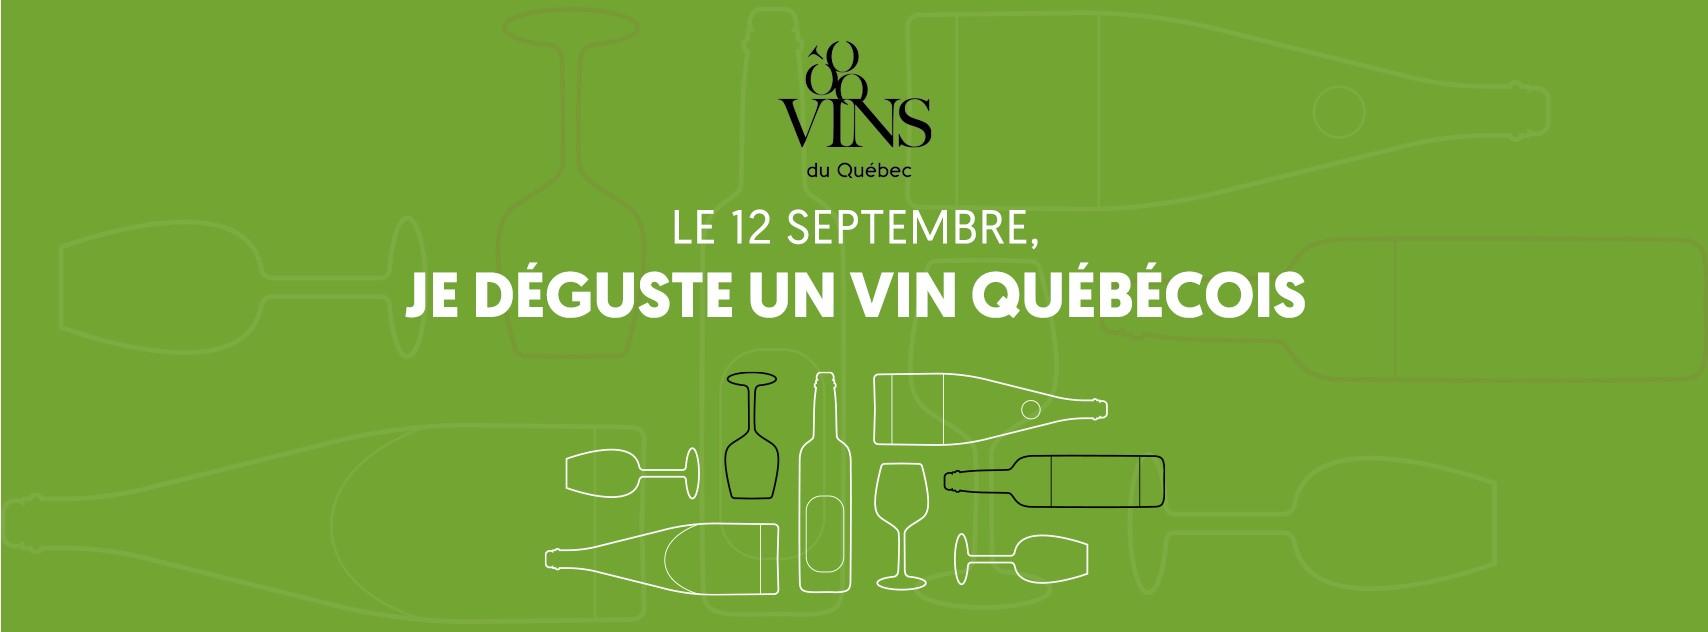 12 septembbre je déguste un vin québécois